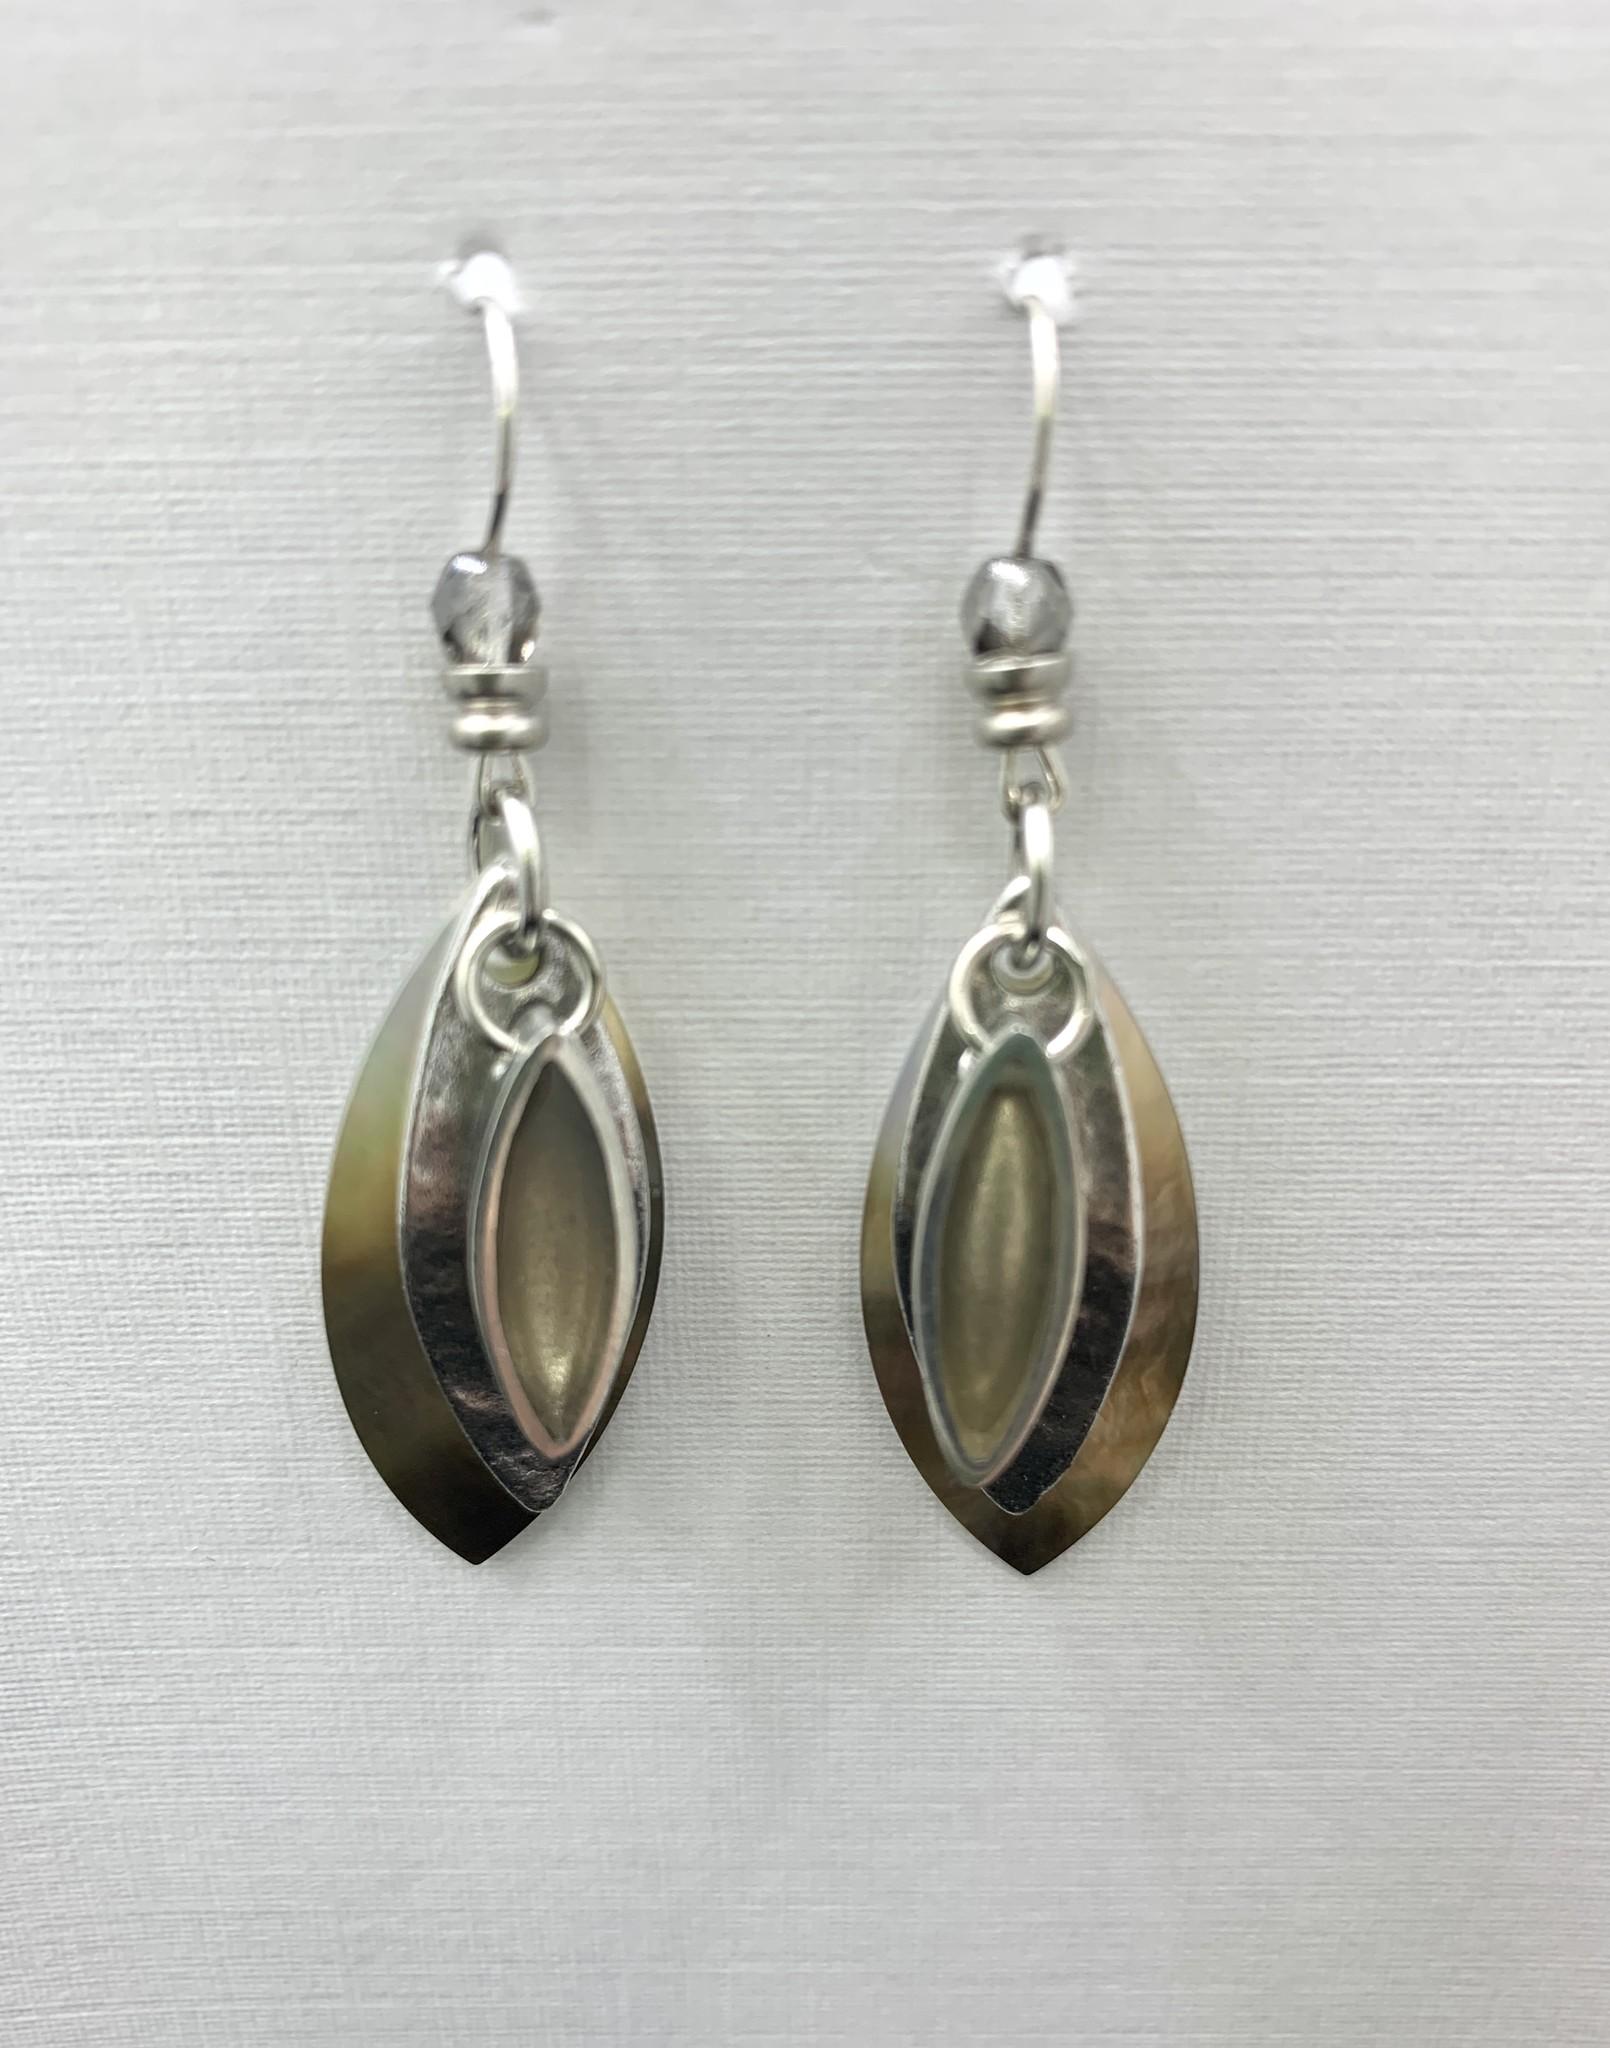 JMR Earrings  - Pearl/Silver